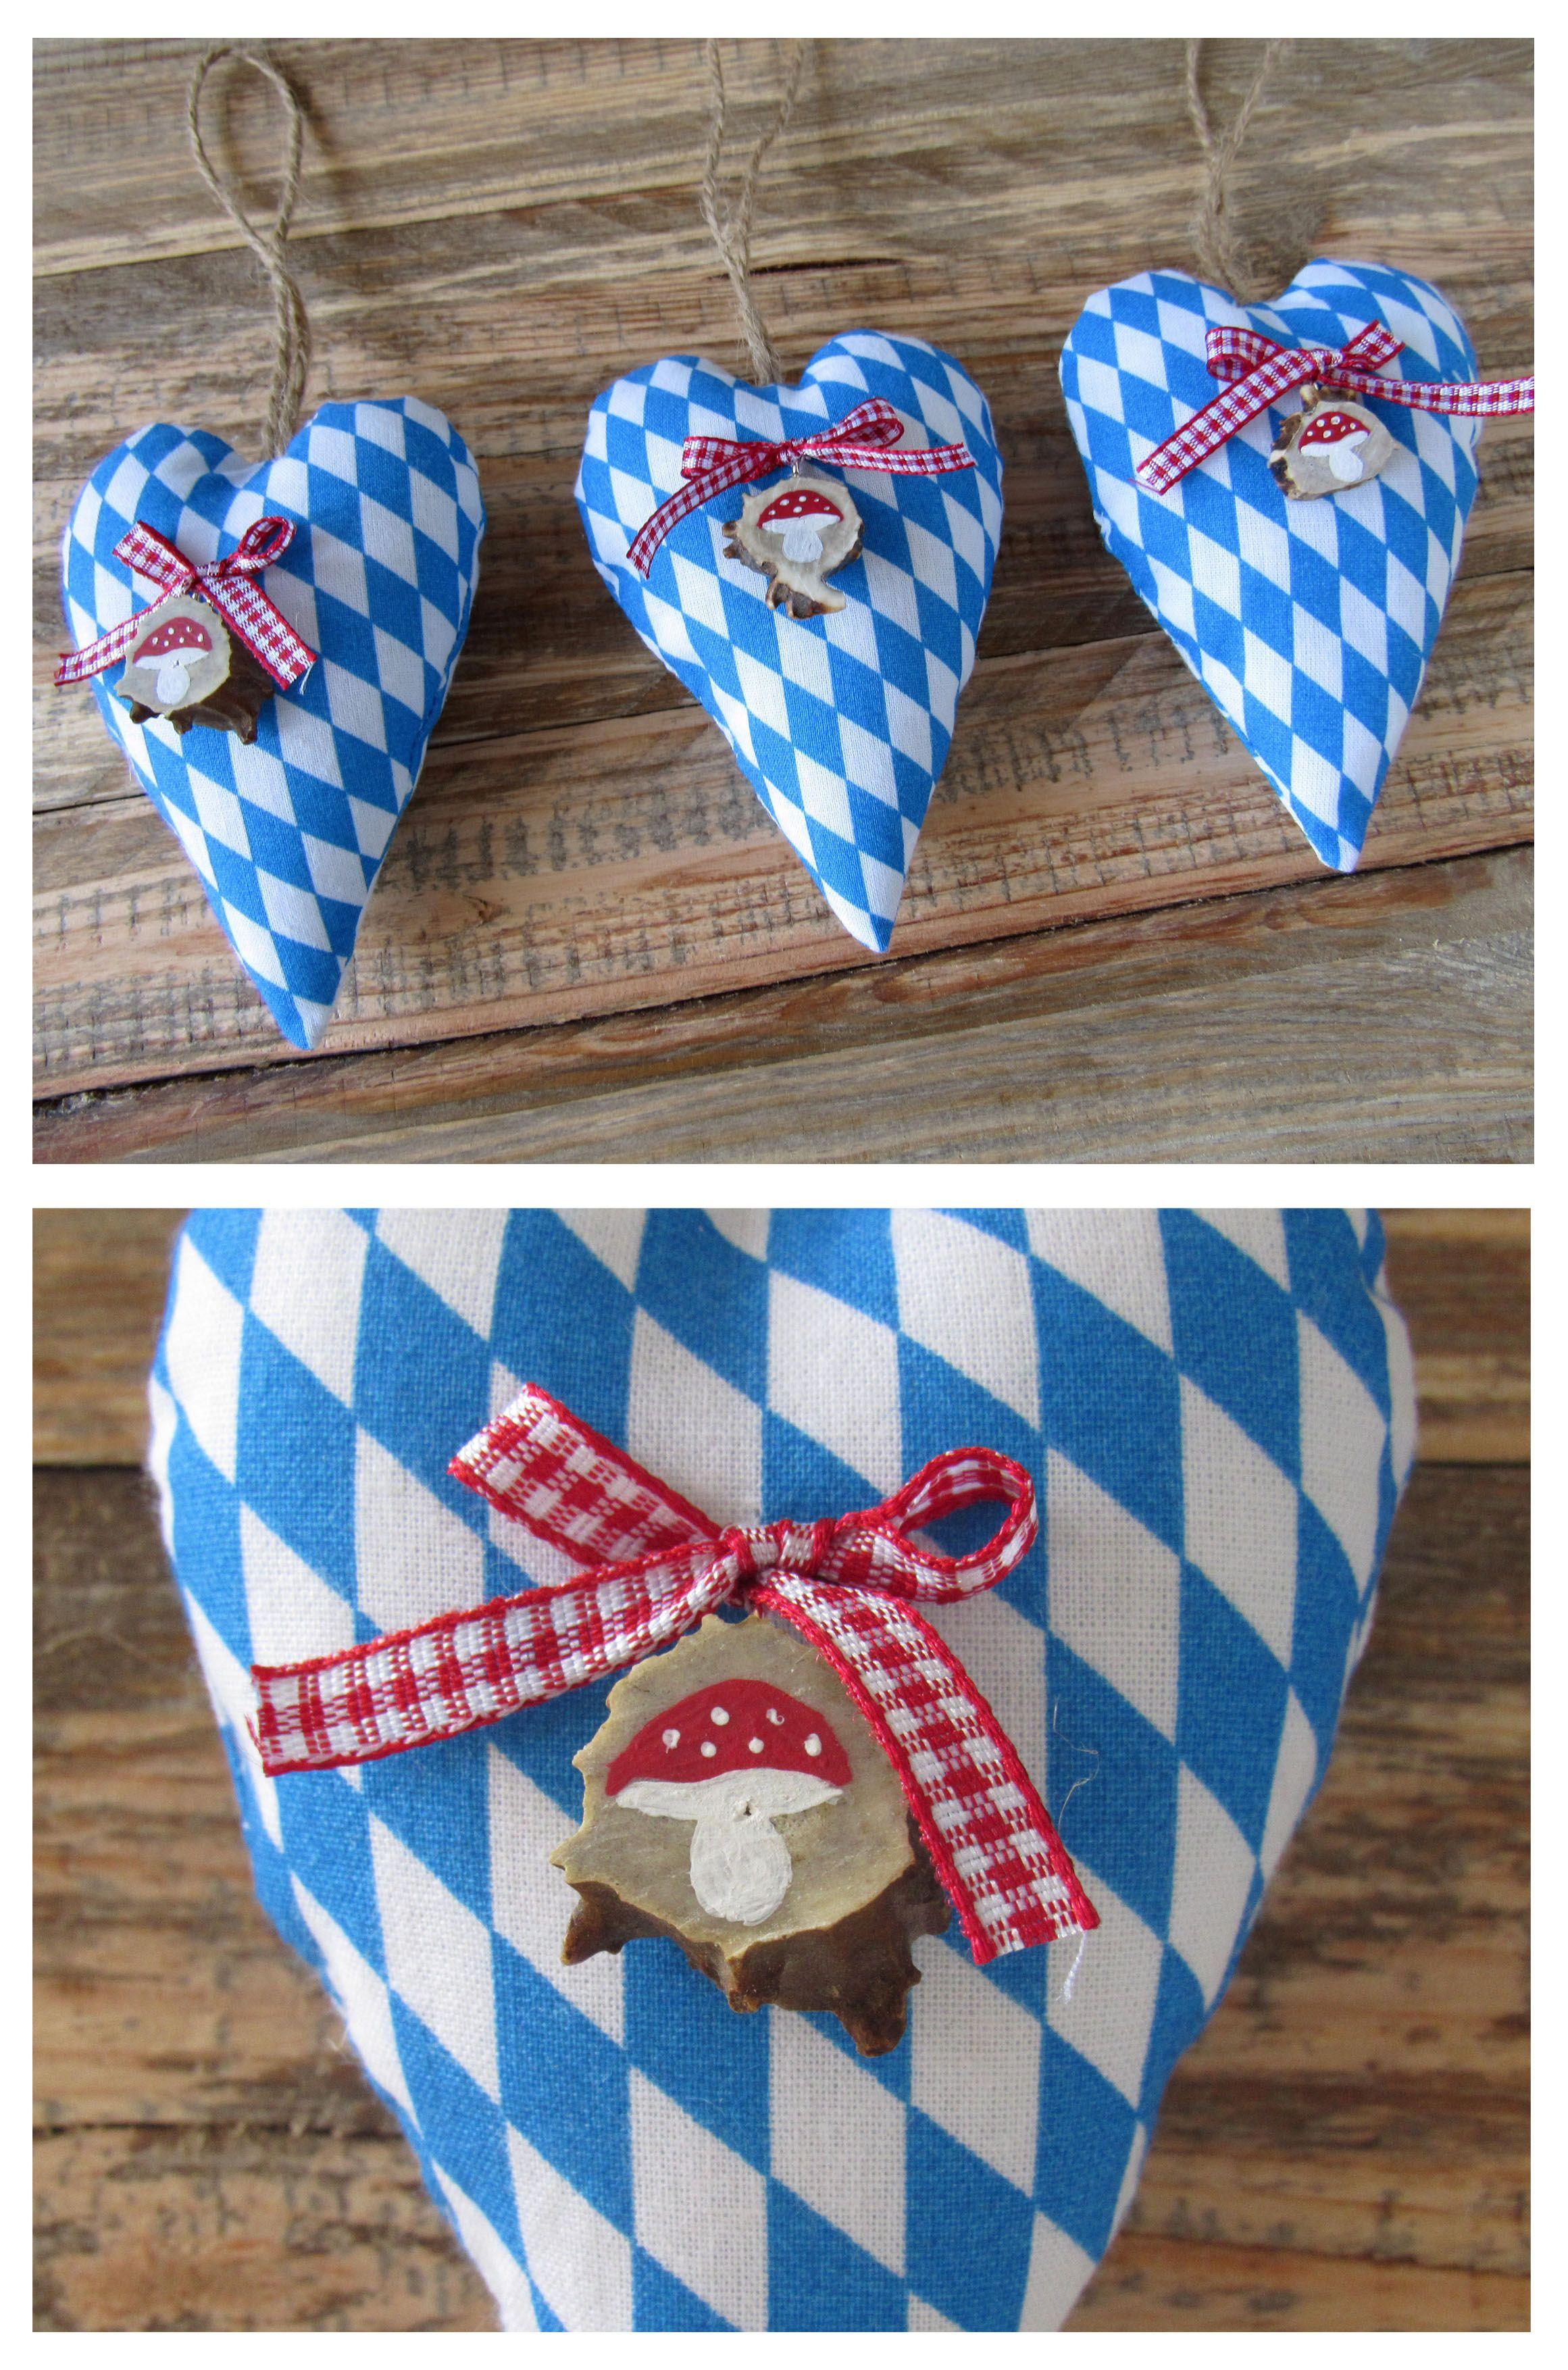 Zünftige dekoration für bayern liebhaber stoffherzen im traditionellen bayern muster mit den typischen blau